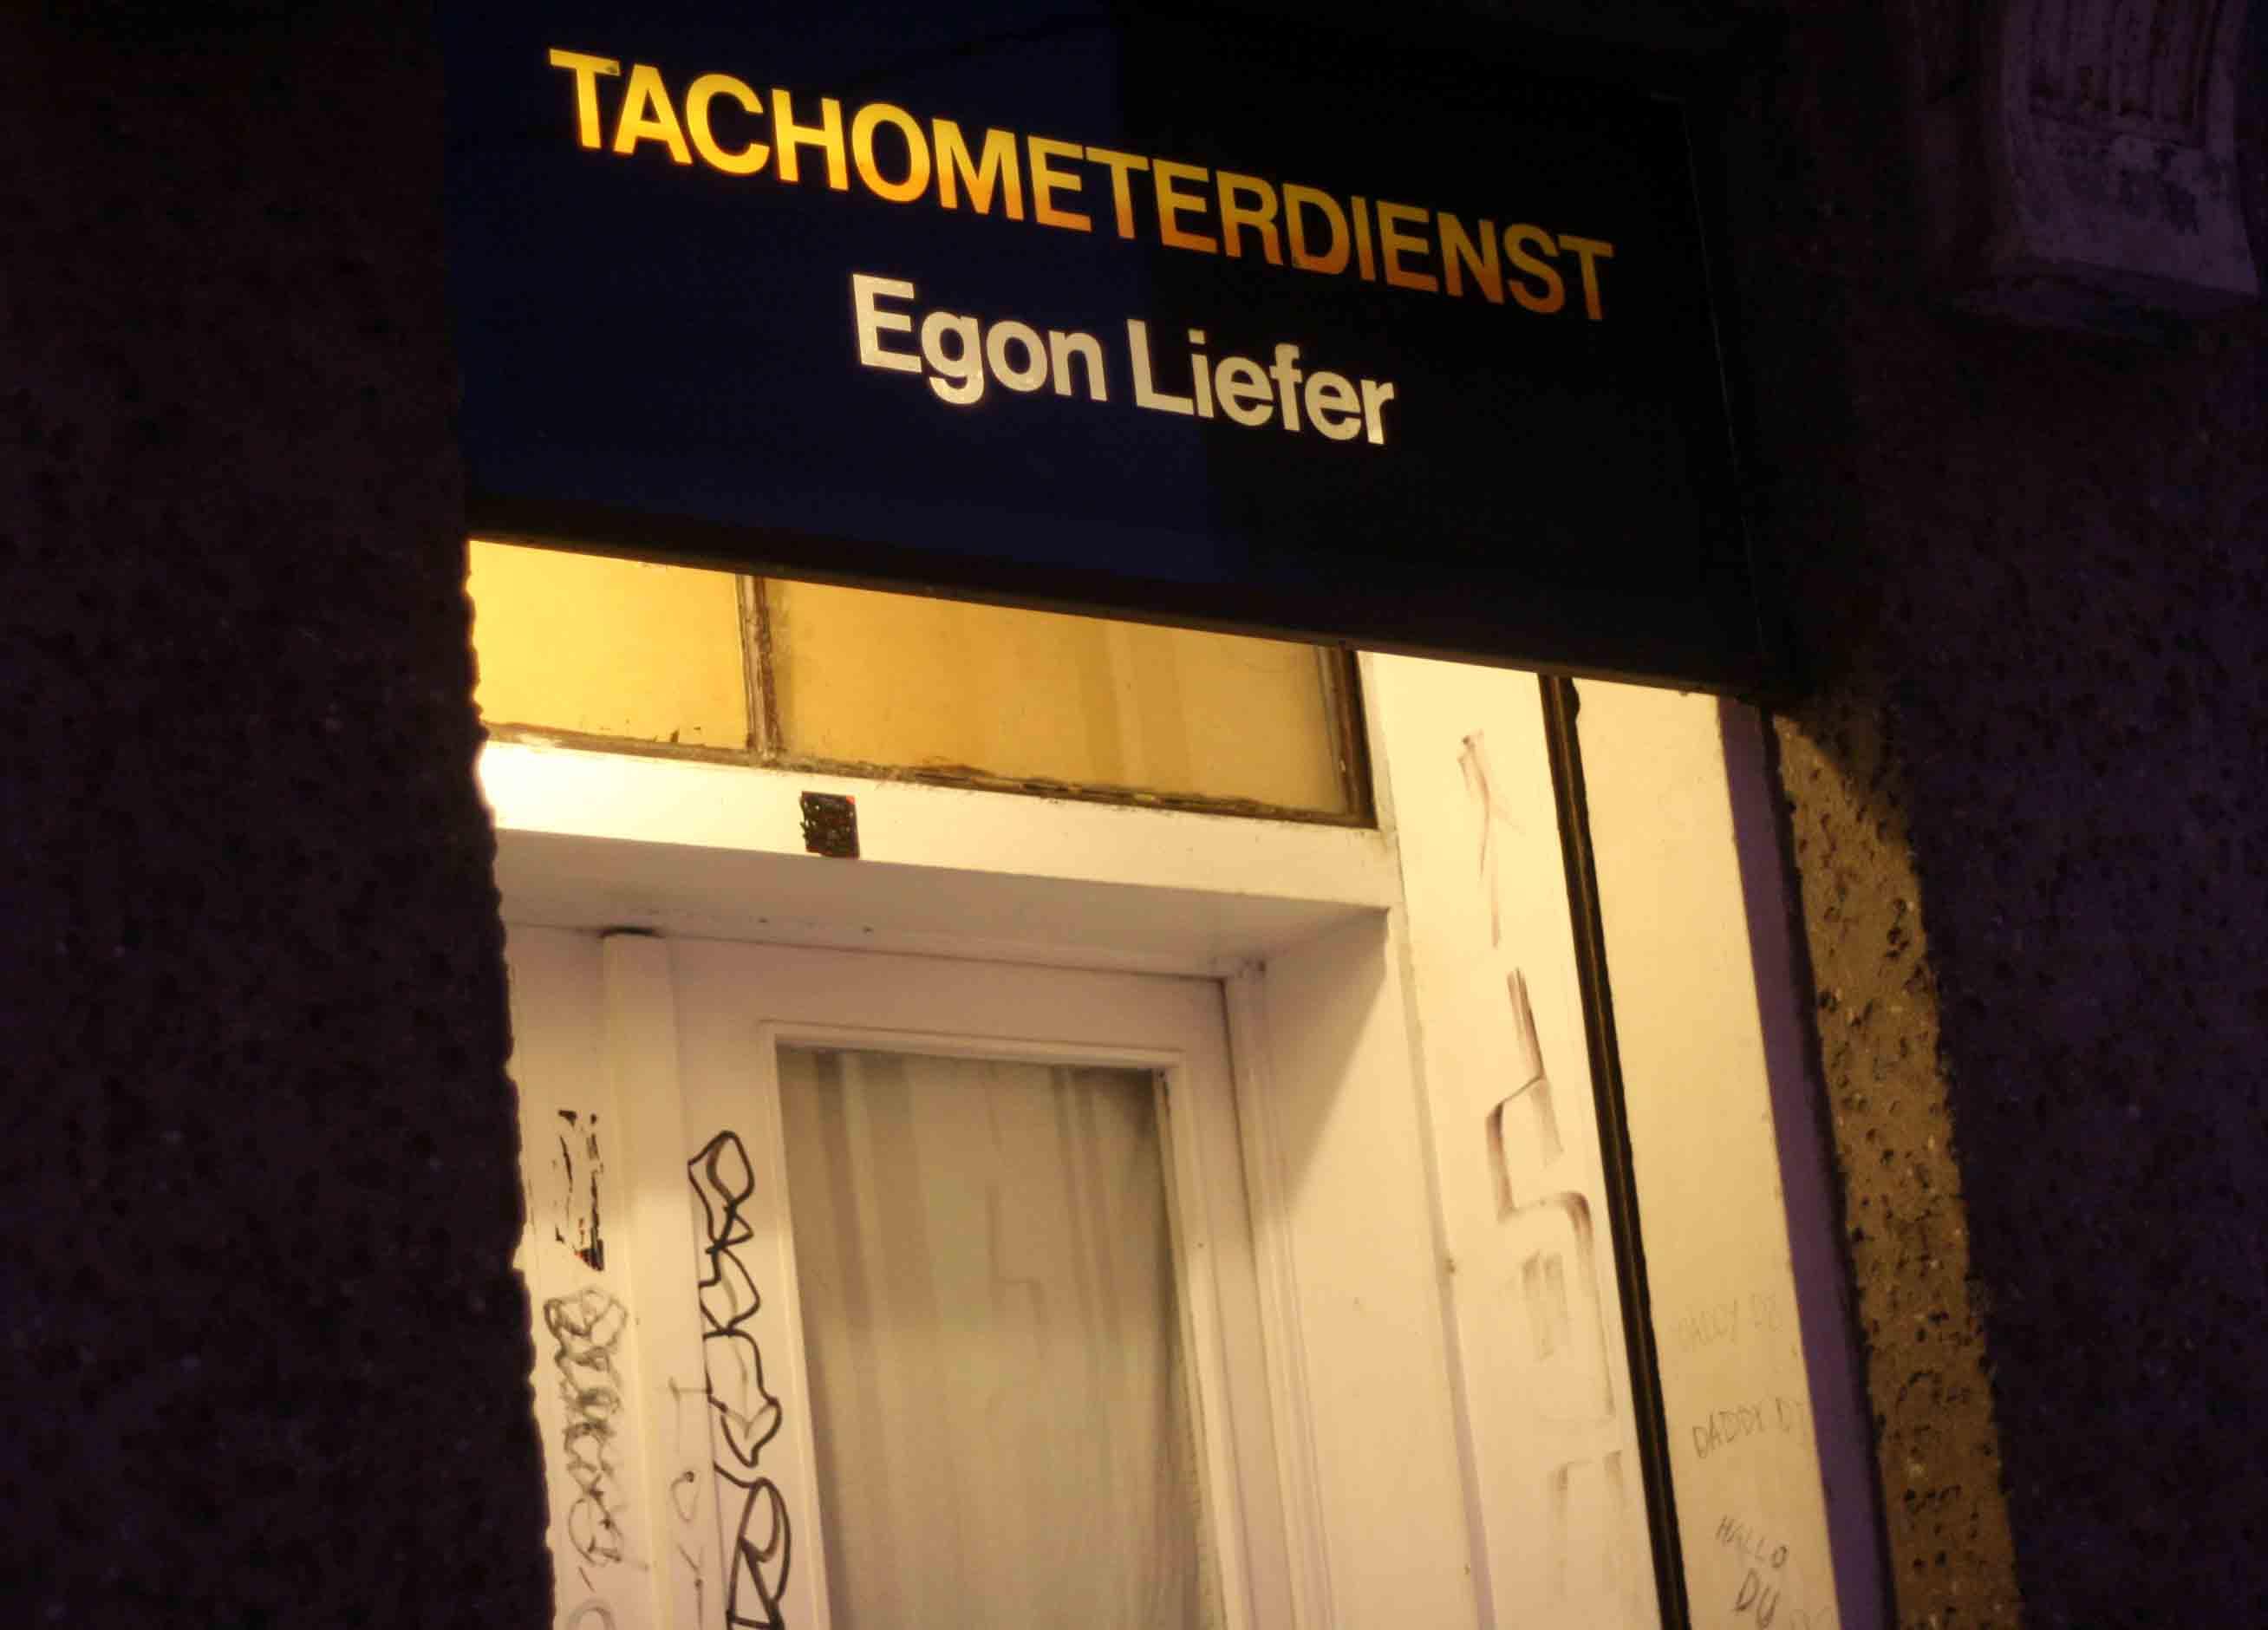 tachometerdienst Egon Liefer